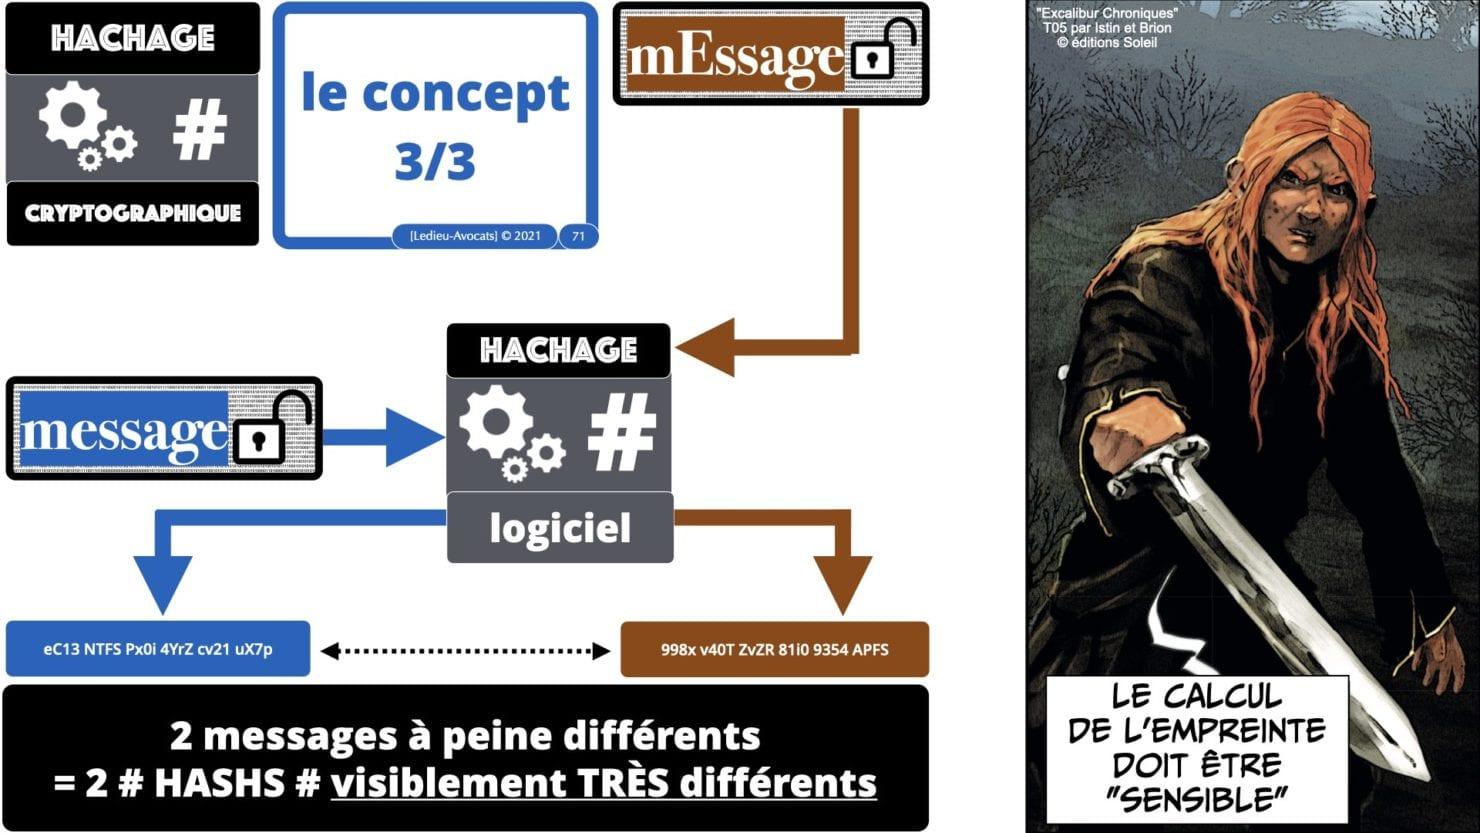 341 chiffrement cryptographie symetrique asymetrique hachage cryptographique TECHNIQUE JURIDIQUE © Ledieu-Avocat 05-07-2021.071